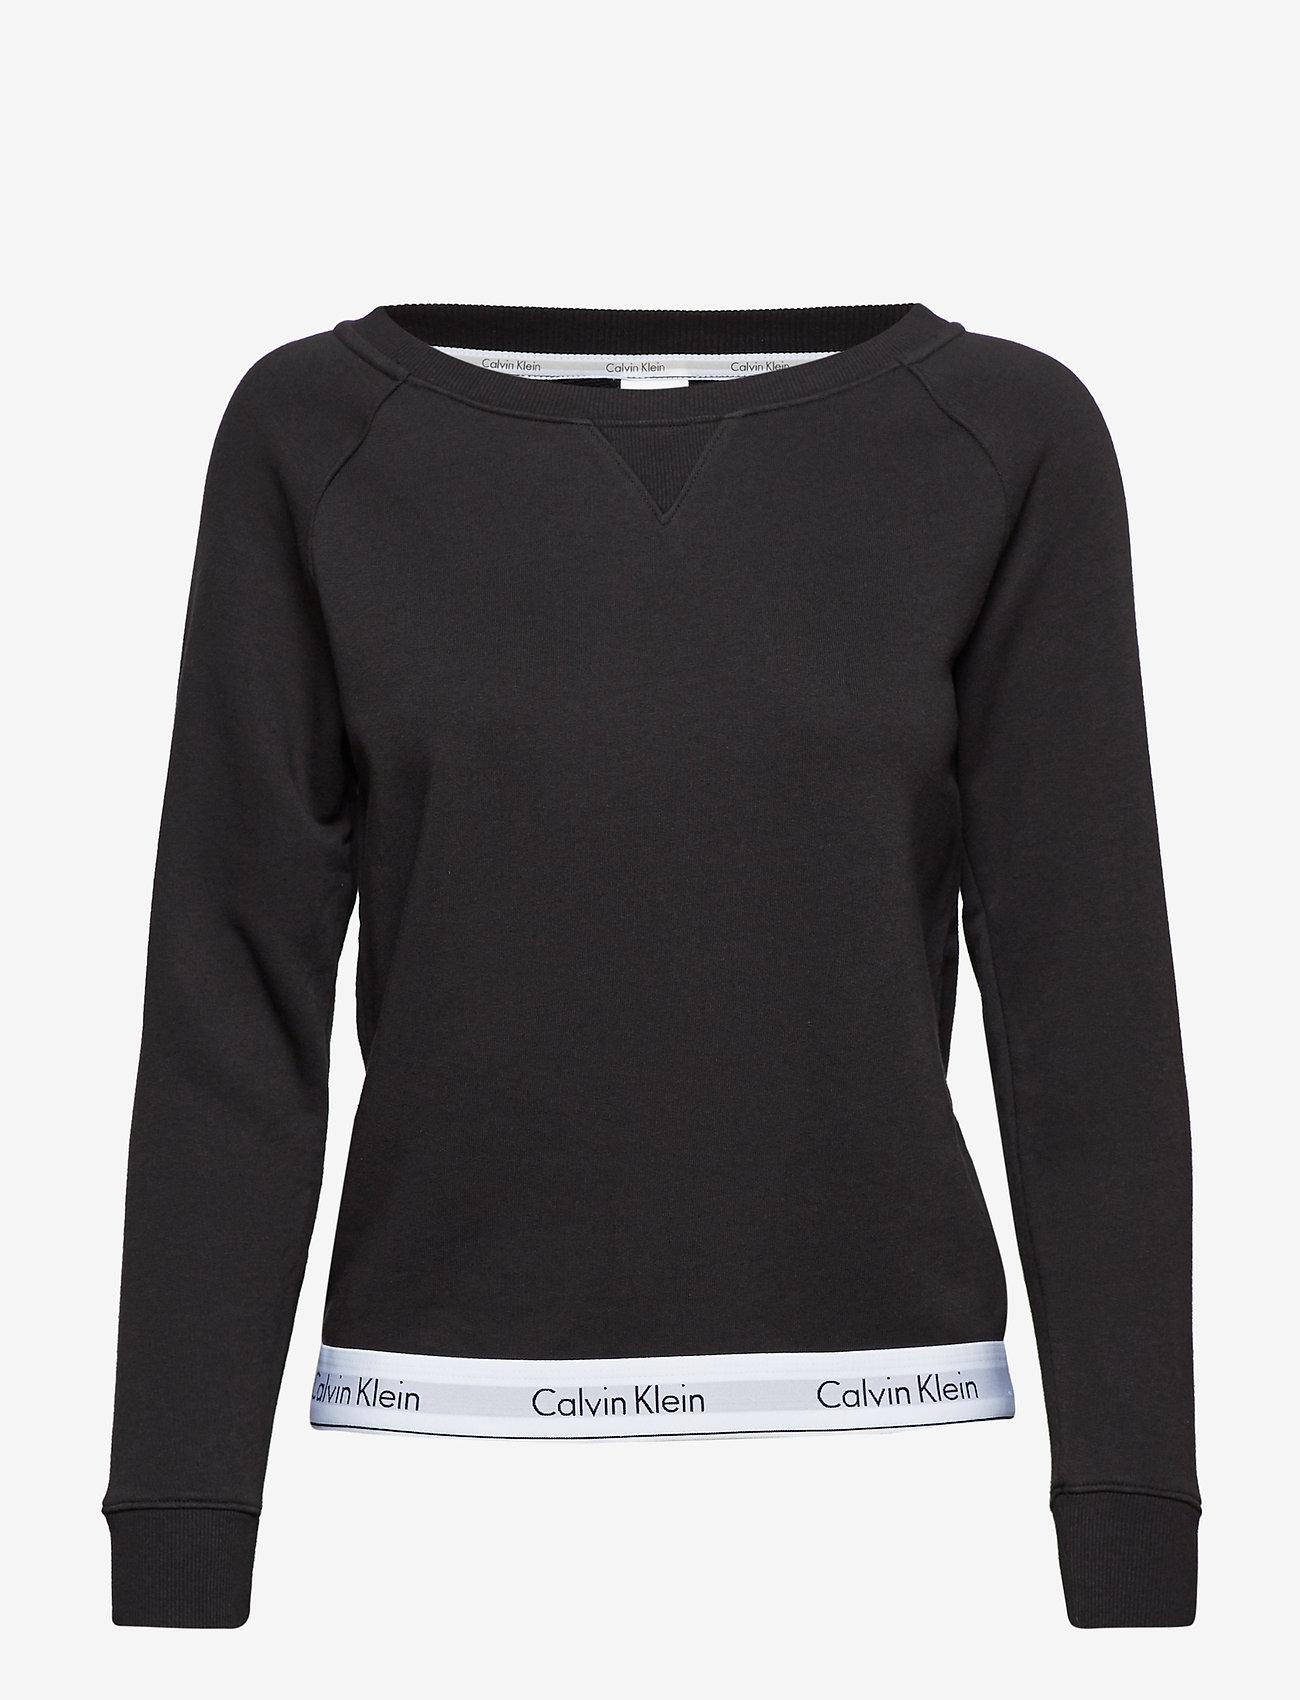 Calvin Klein - TOP SWEATSHIRT LONG SLEEVE - overdeler - black - 0